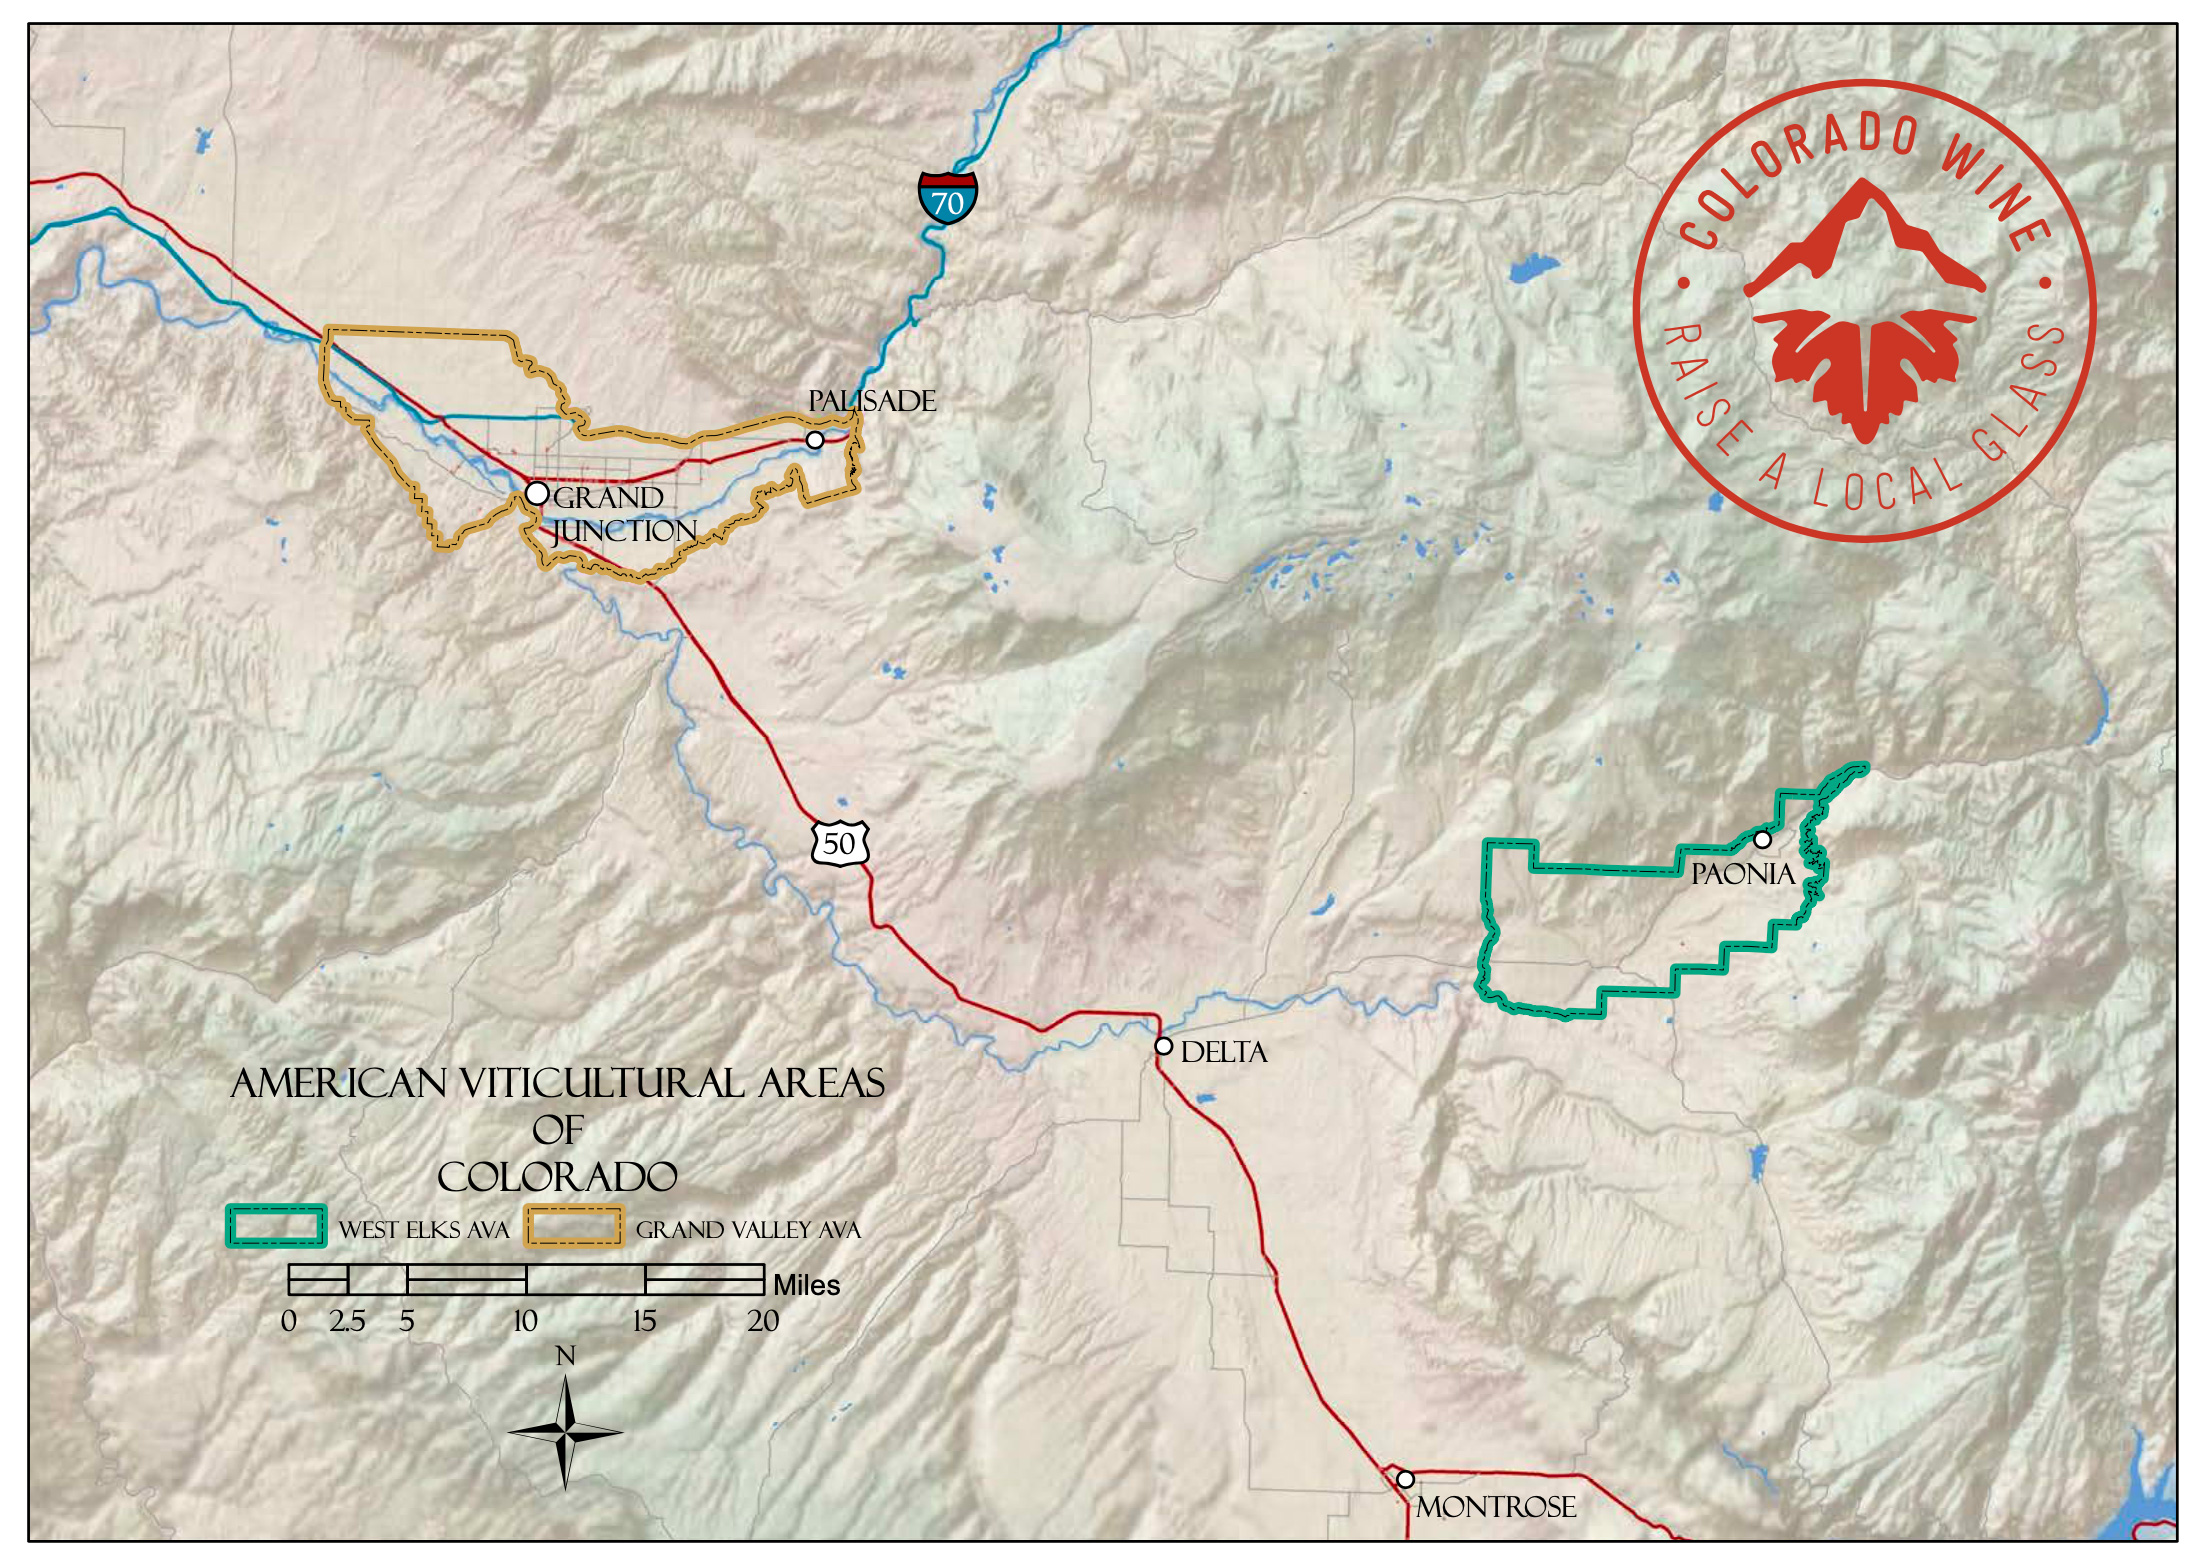 Map of Colorado wine regions.